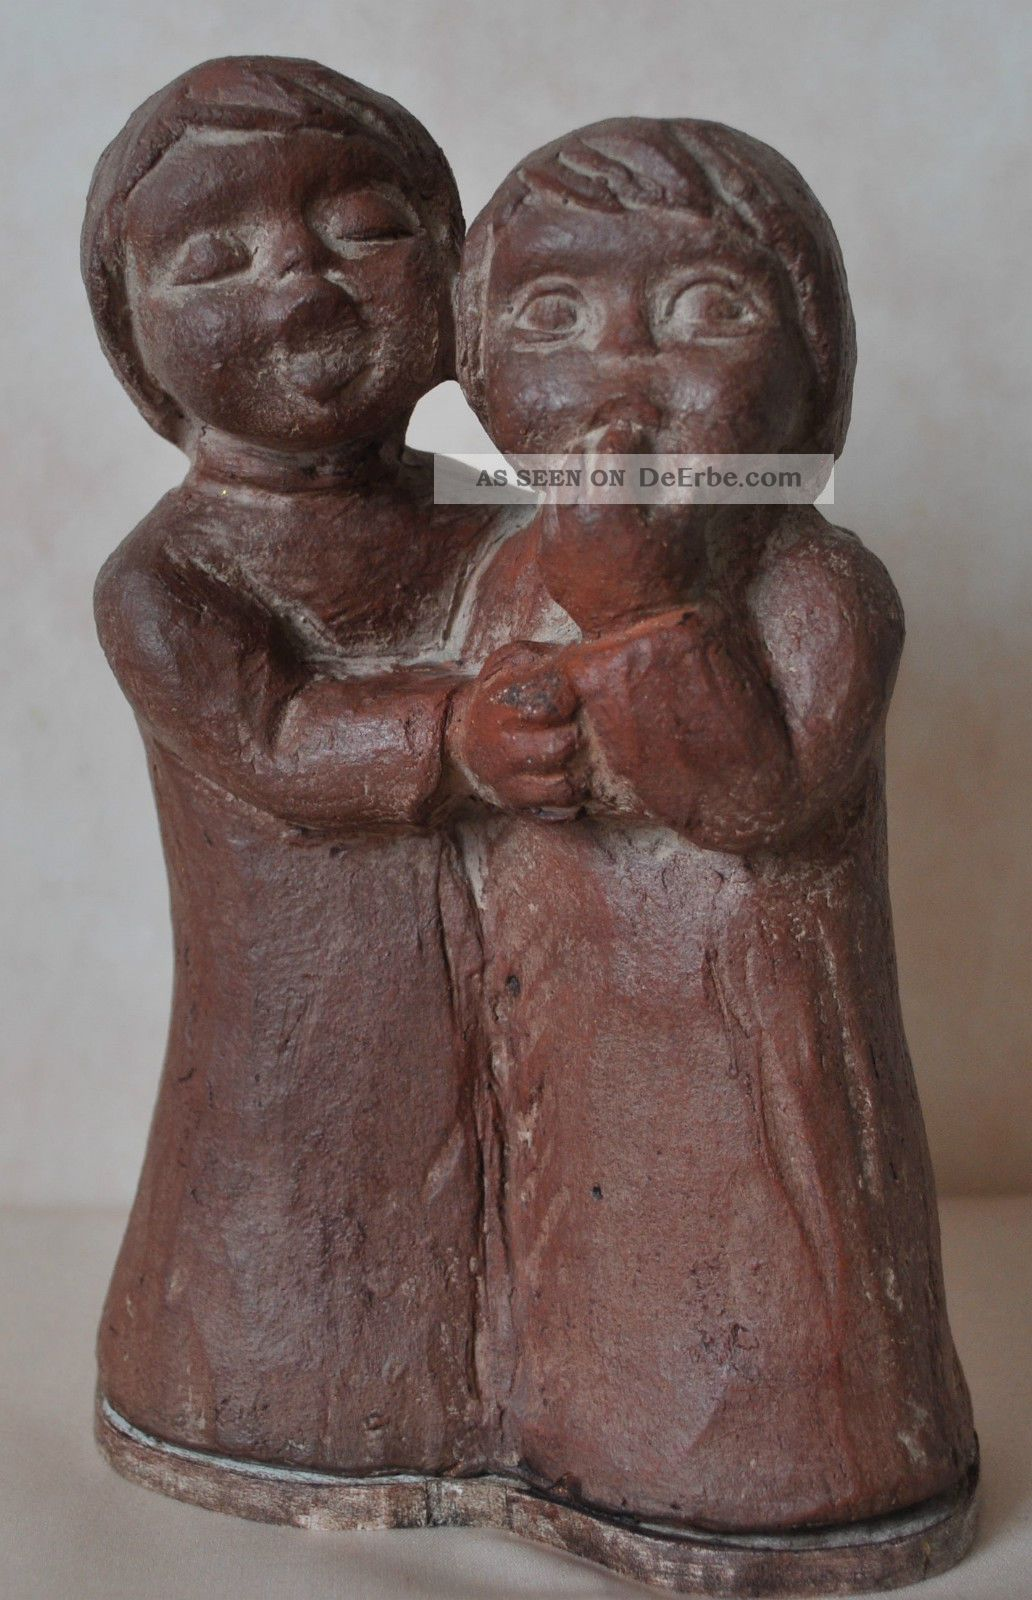 studio keramik limpke keramik ton signiert zwei m dchen keramikfigur. Black Bedroom Furniture Sets. Home Design Ideas